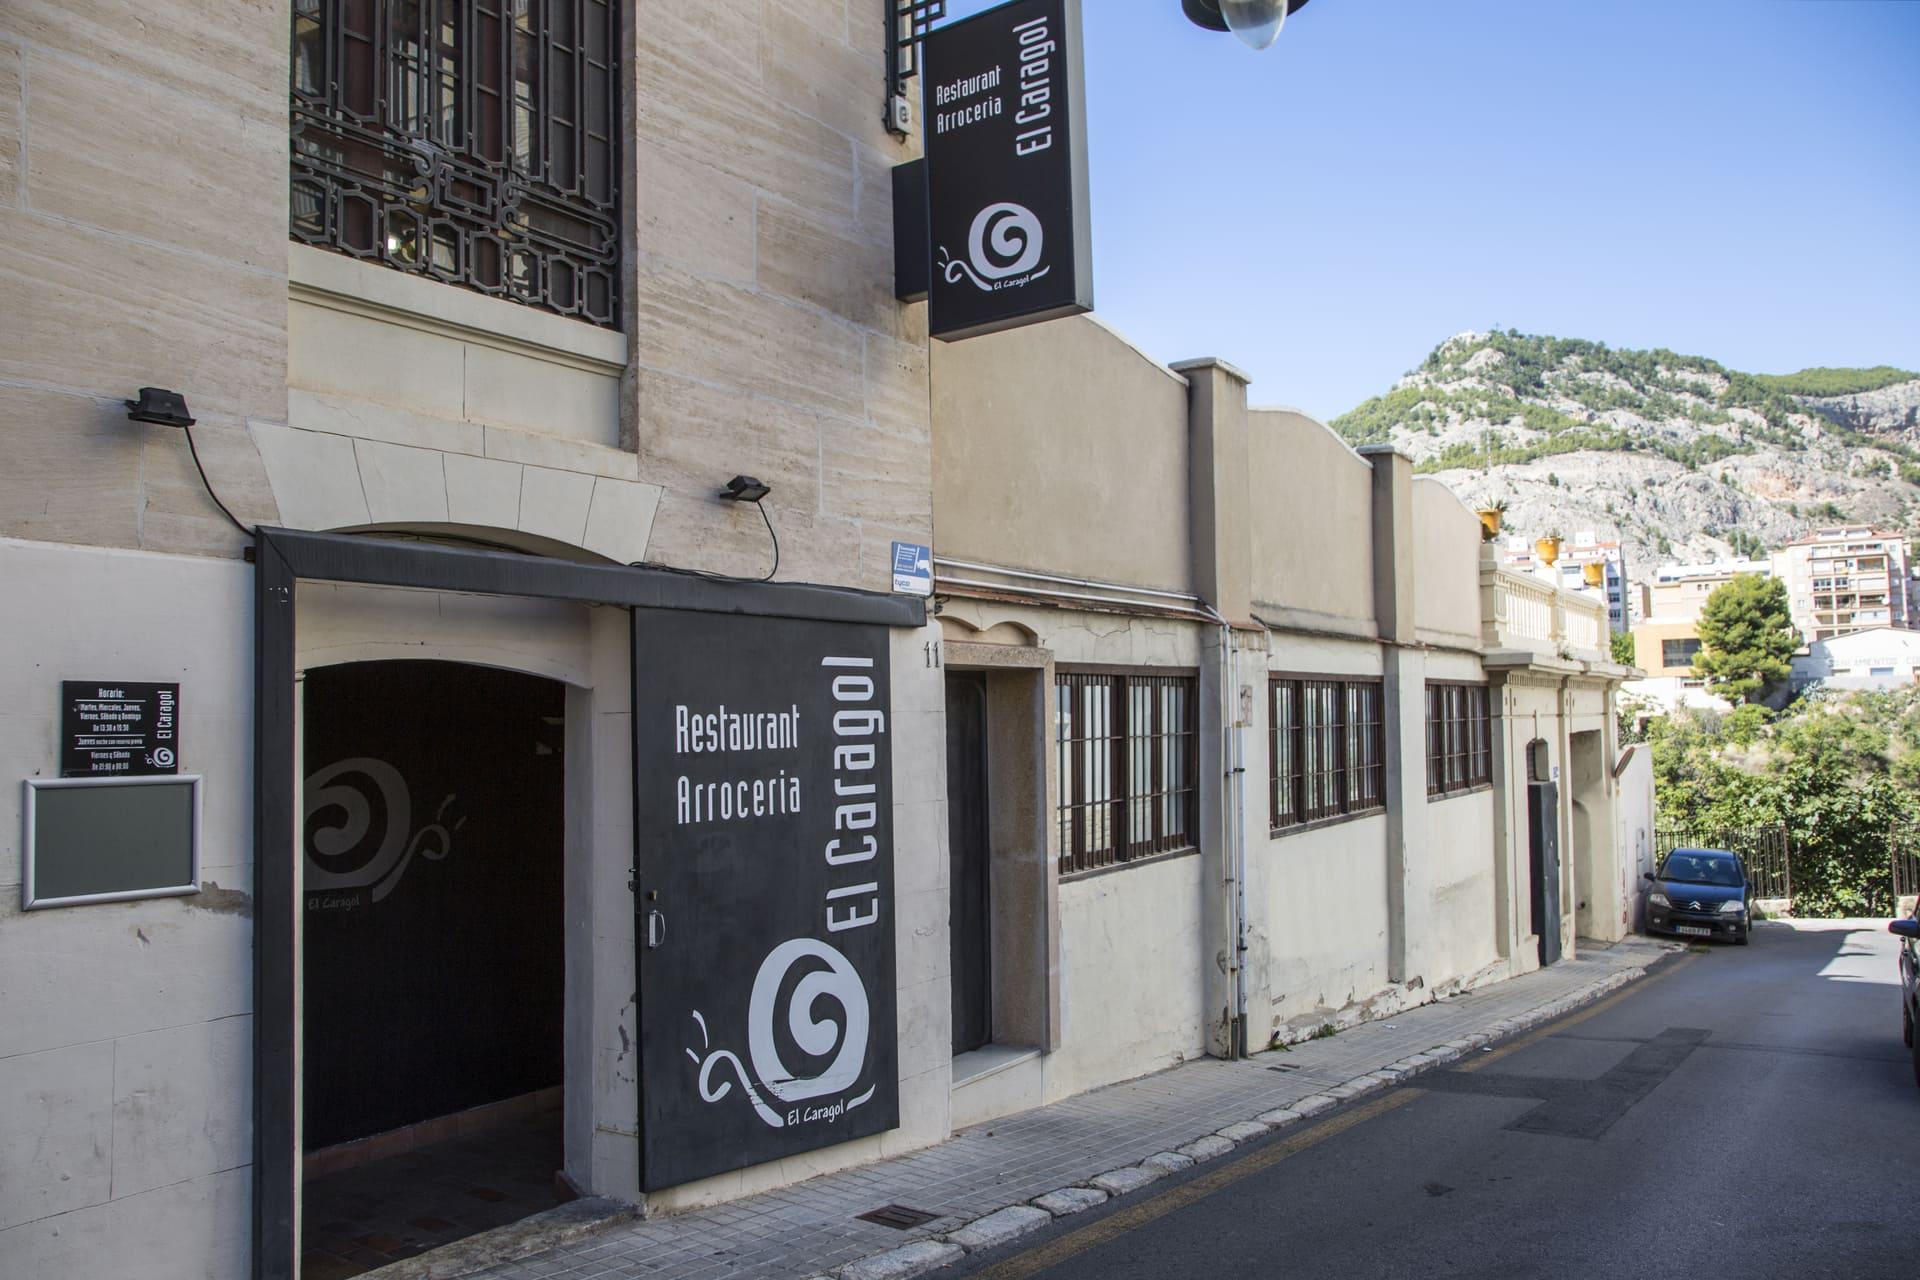 Restaurant Arroceria El Caragol